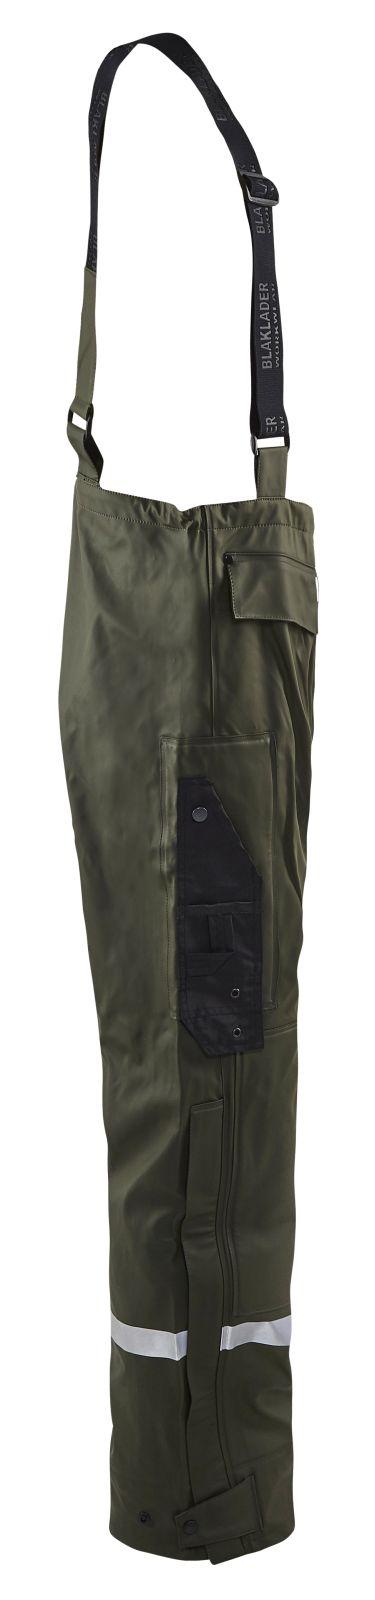 Blaklader Broeken 13022003 High Vis army groen(4600)